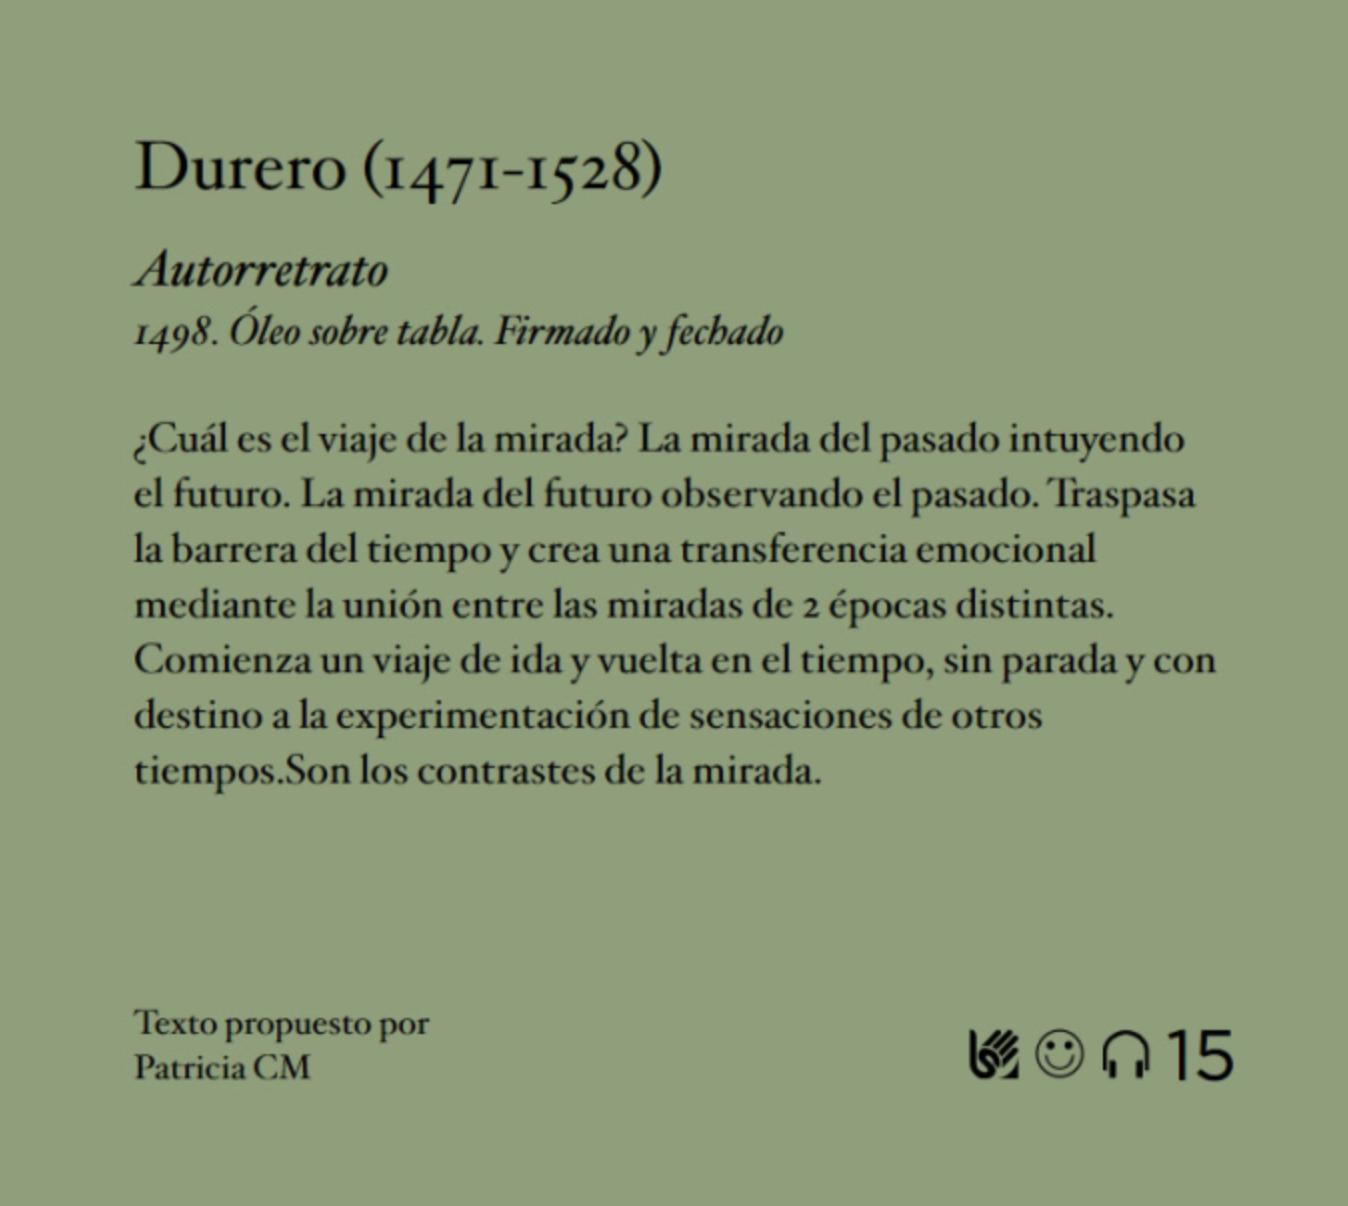 Concurso cartela abierta, cartela seleccionada Durero, Museo del Prado, Culturina Comunciación